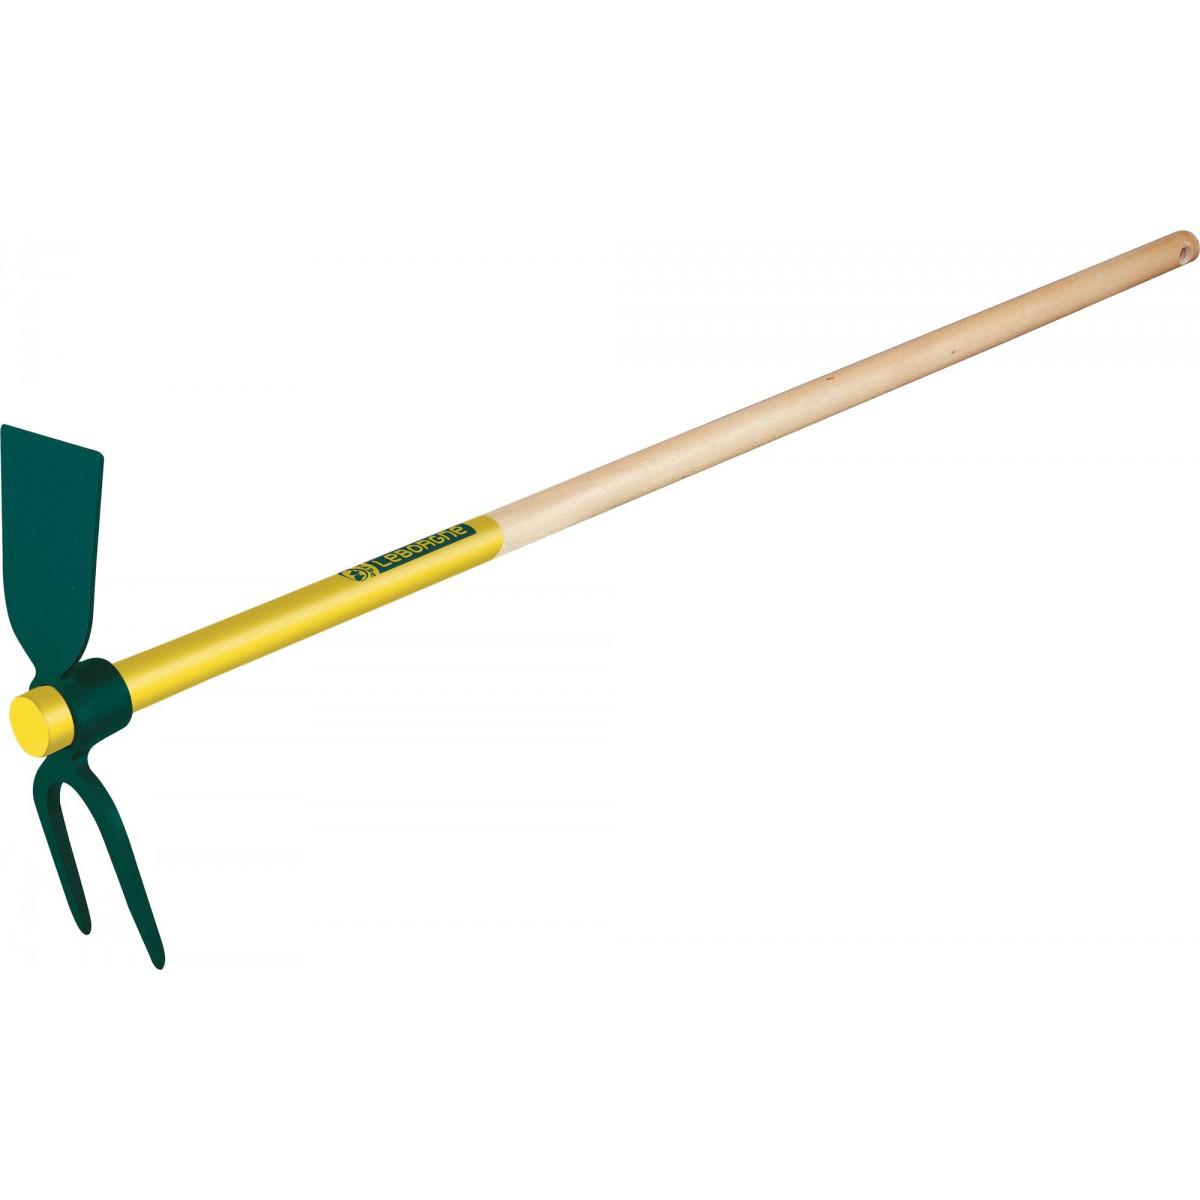 Serfouette panne et fourche Leborgne - Emmanché 1,10 m - Longueur 26 cm